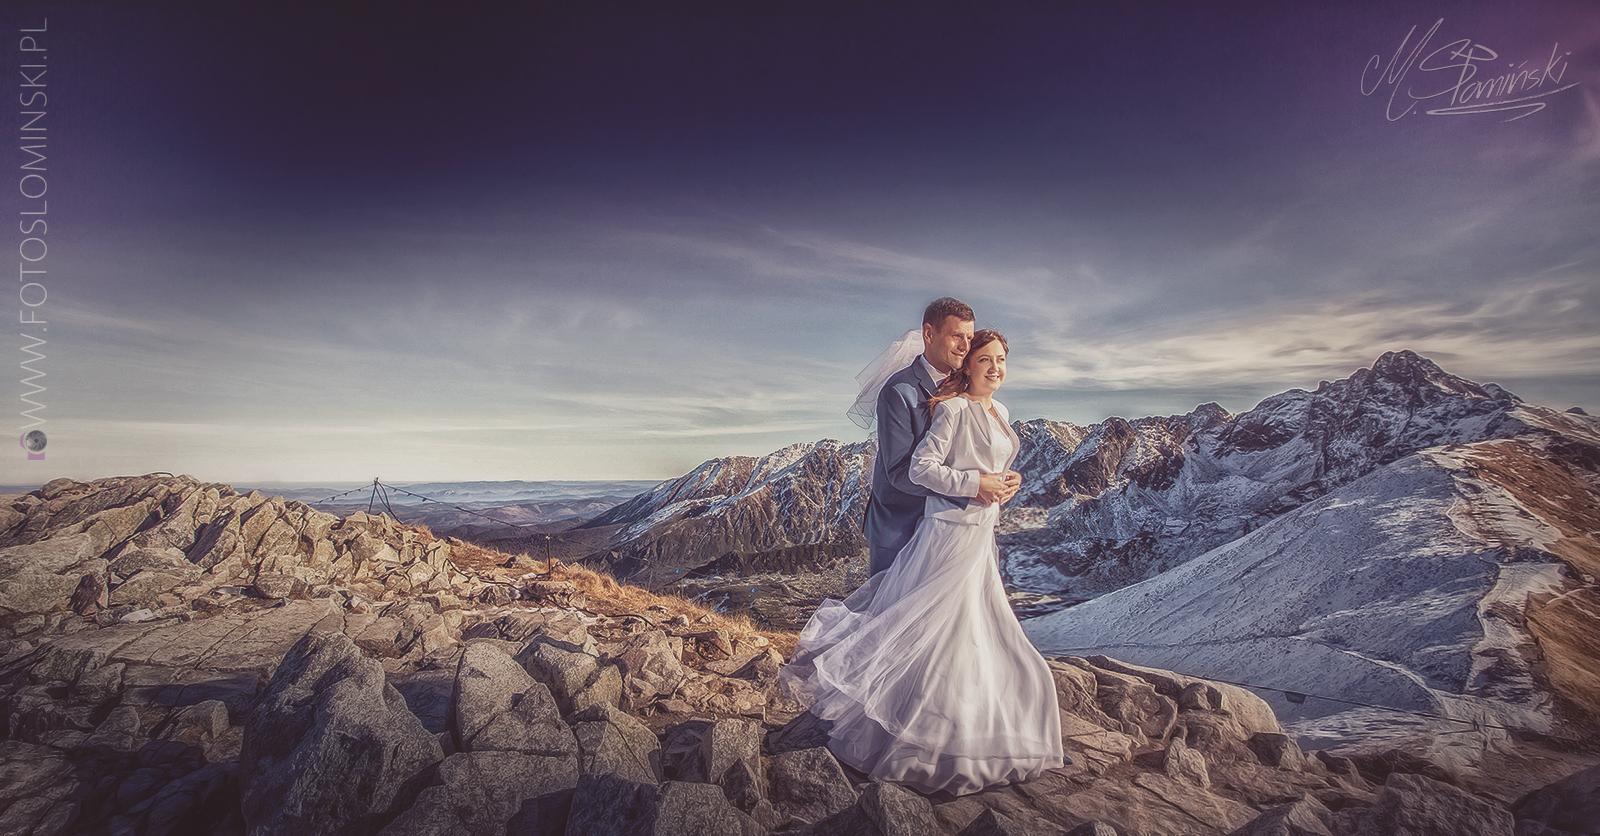 Sesja plenerowa w Zakopanem - Kasprowy Wierch - Fotografia ślubna w zimie.